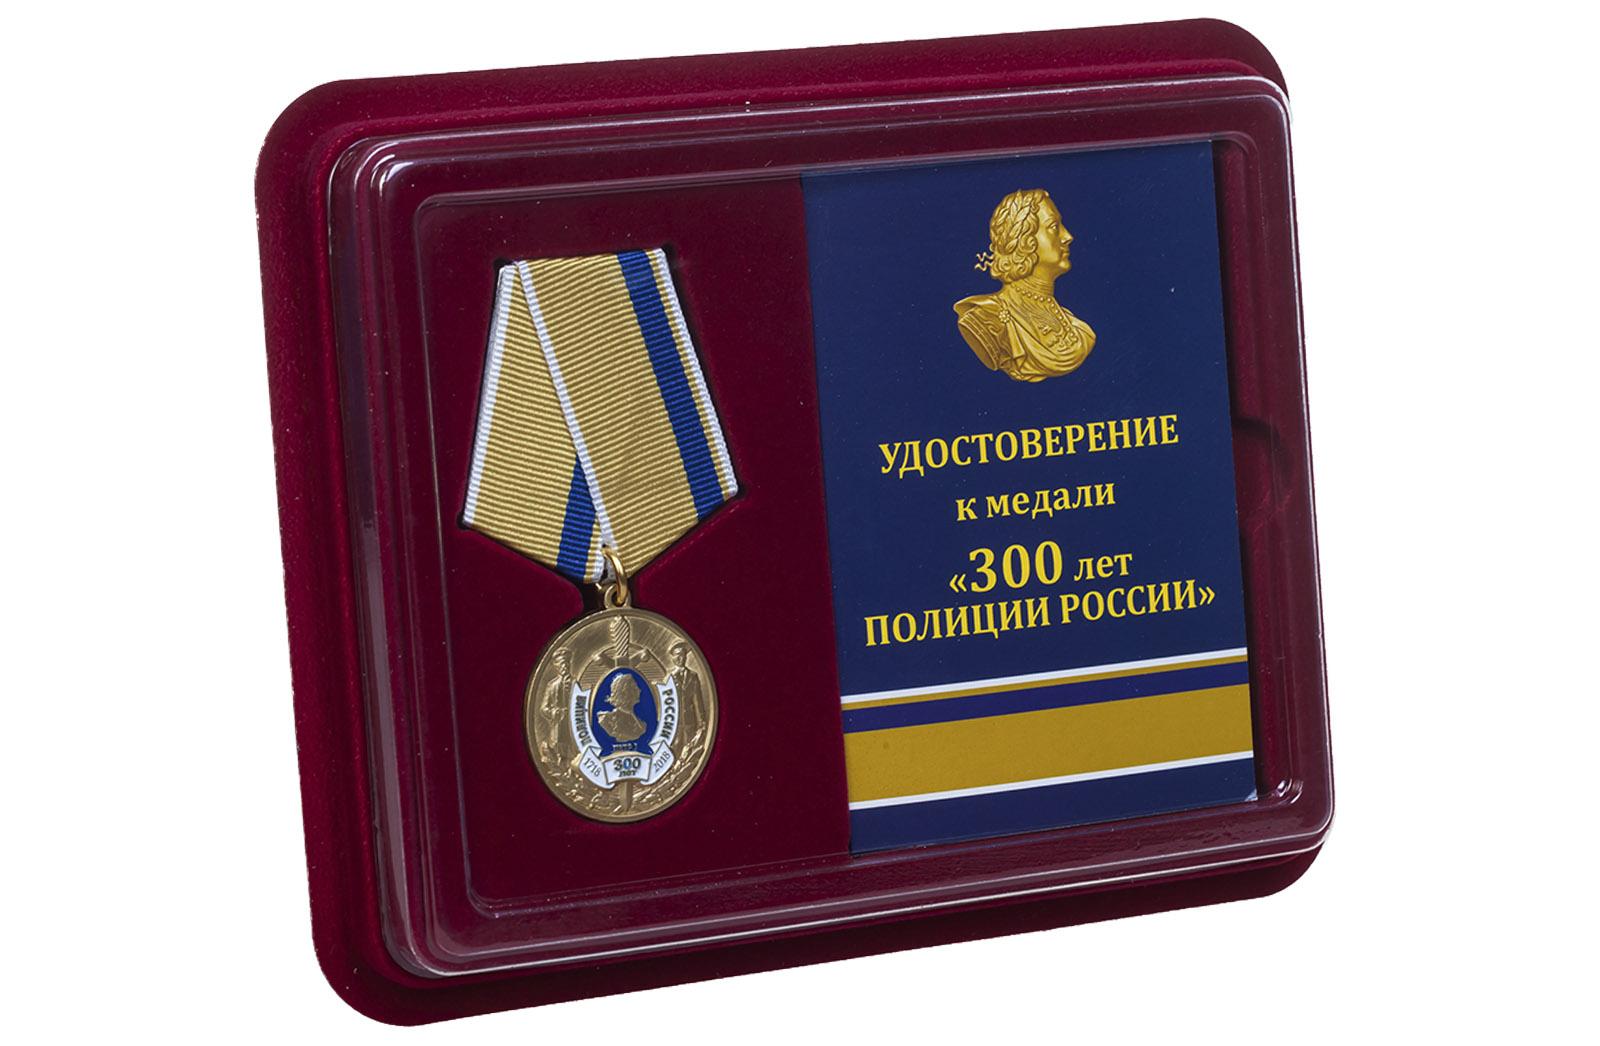 Купить медаль 300 лет полиции России в футляре с удостоверением онлайн с доставкой